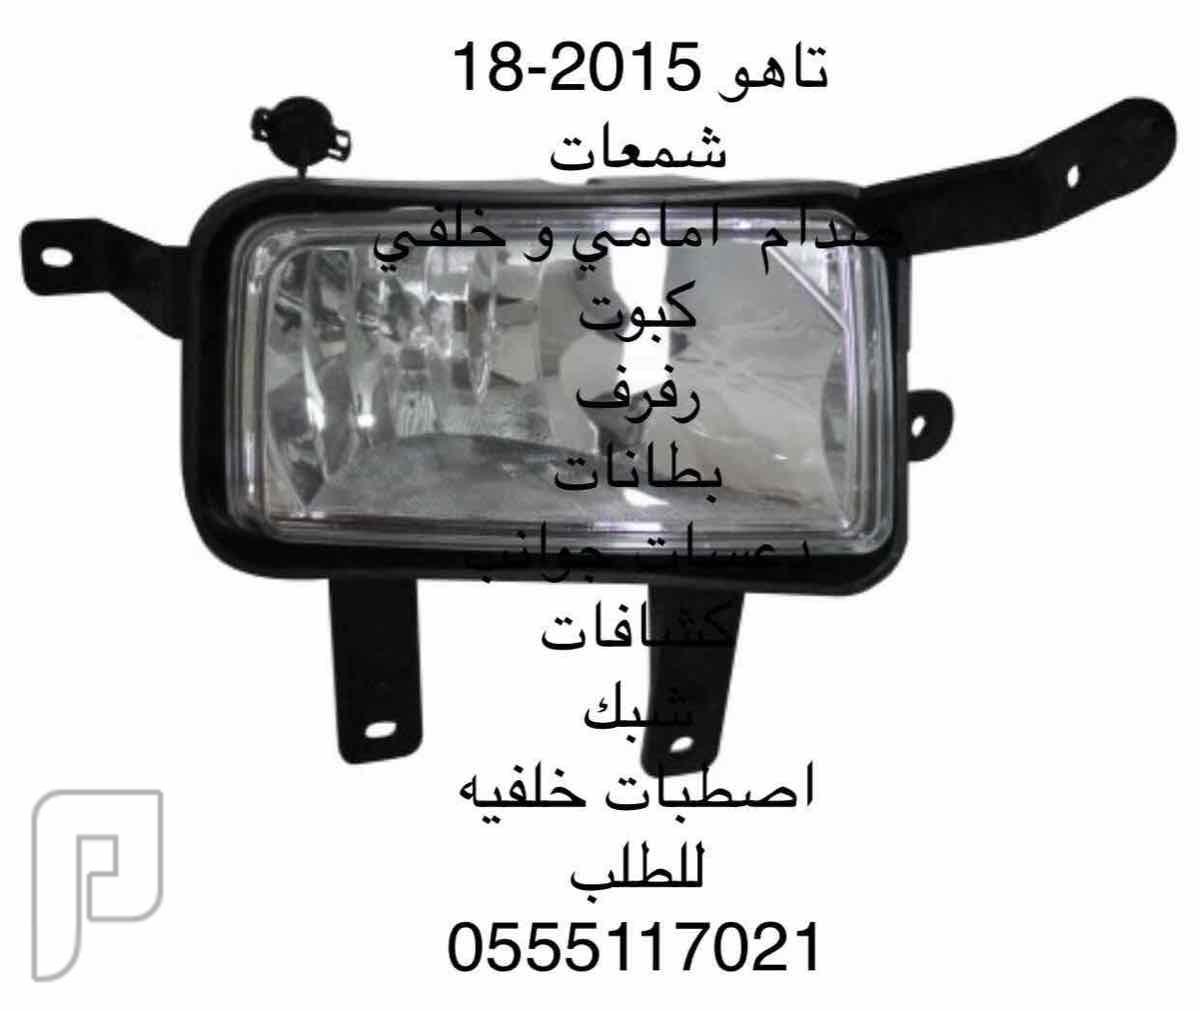 للبيع قطع غيار تاهو 2015-16-17-18-19 جديد اسعار جملة